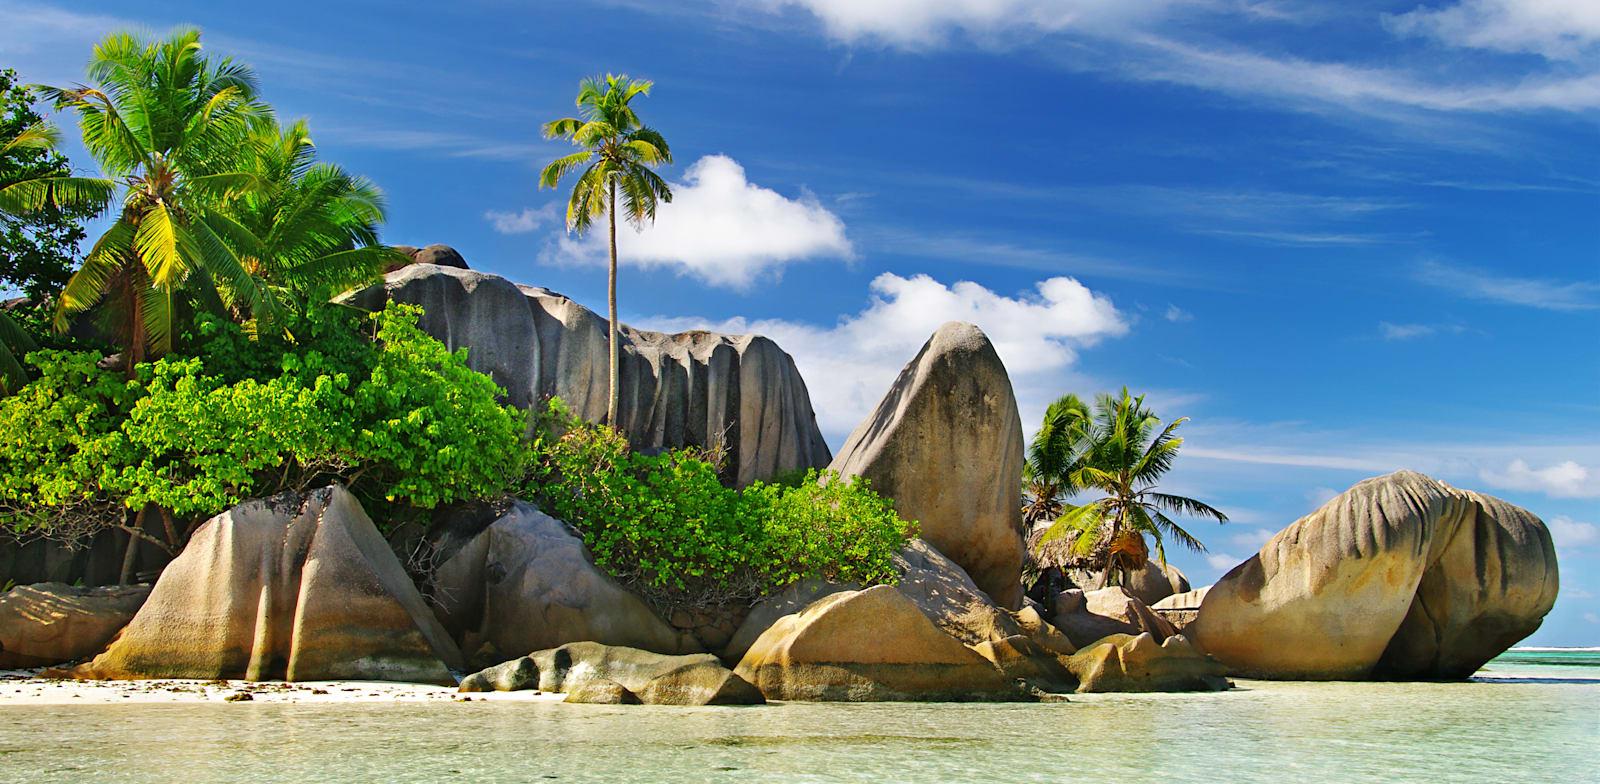 איי סיישל. עלייה בהזמנות / צילום: Shutterstock